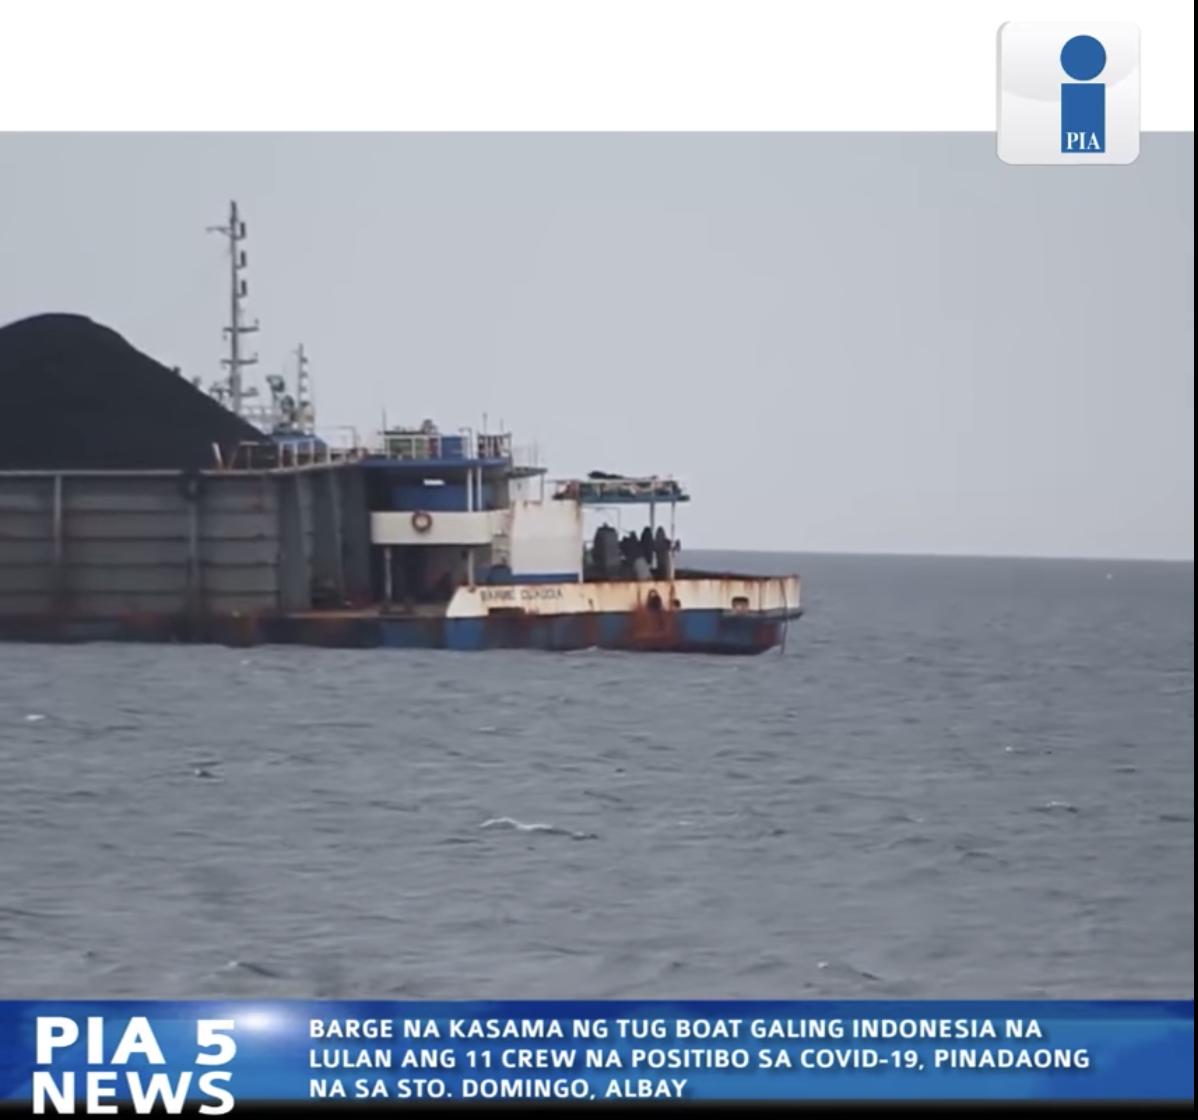 Barge na galing Indonesia pinadaong na sa Albay